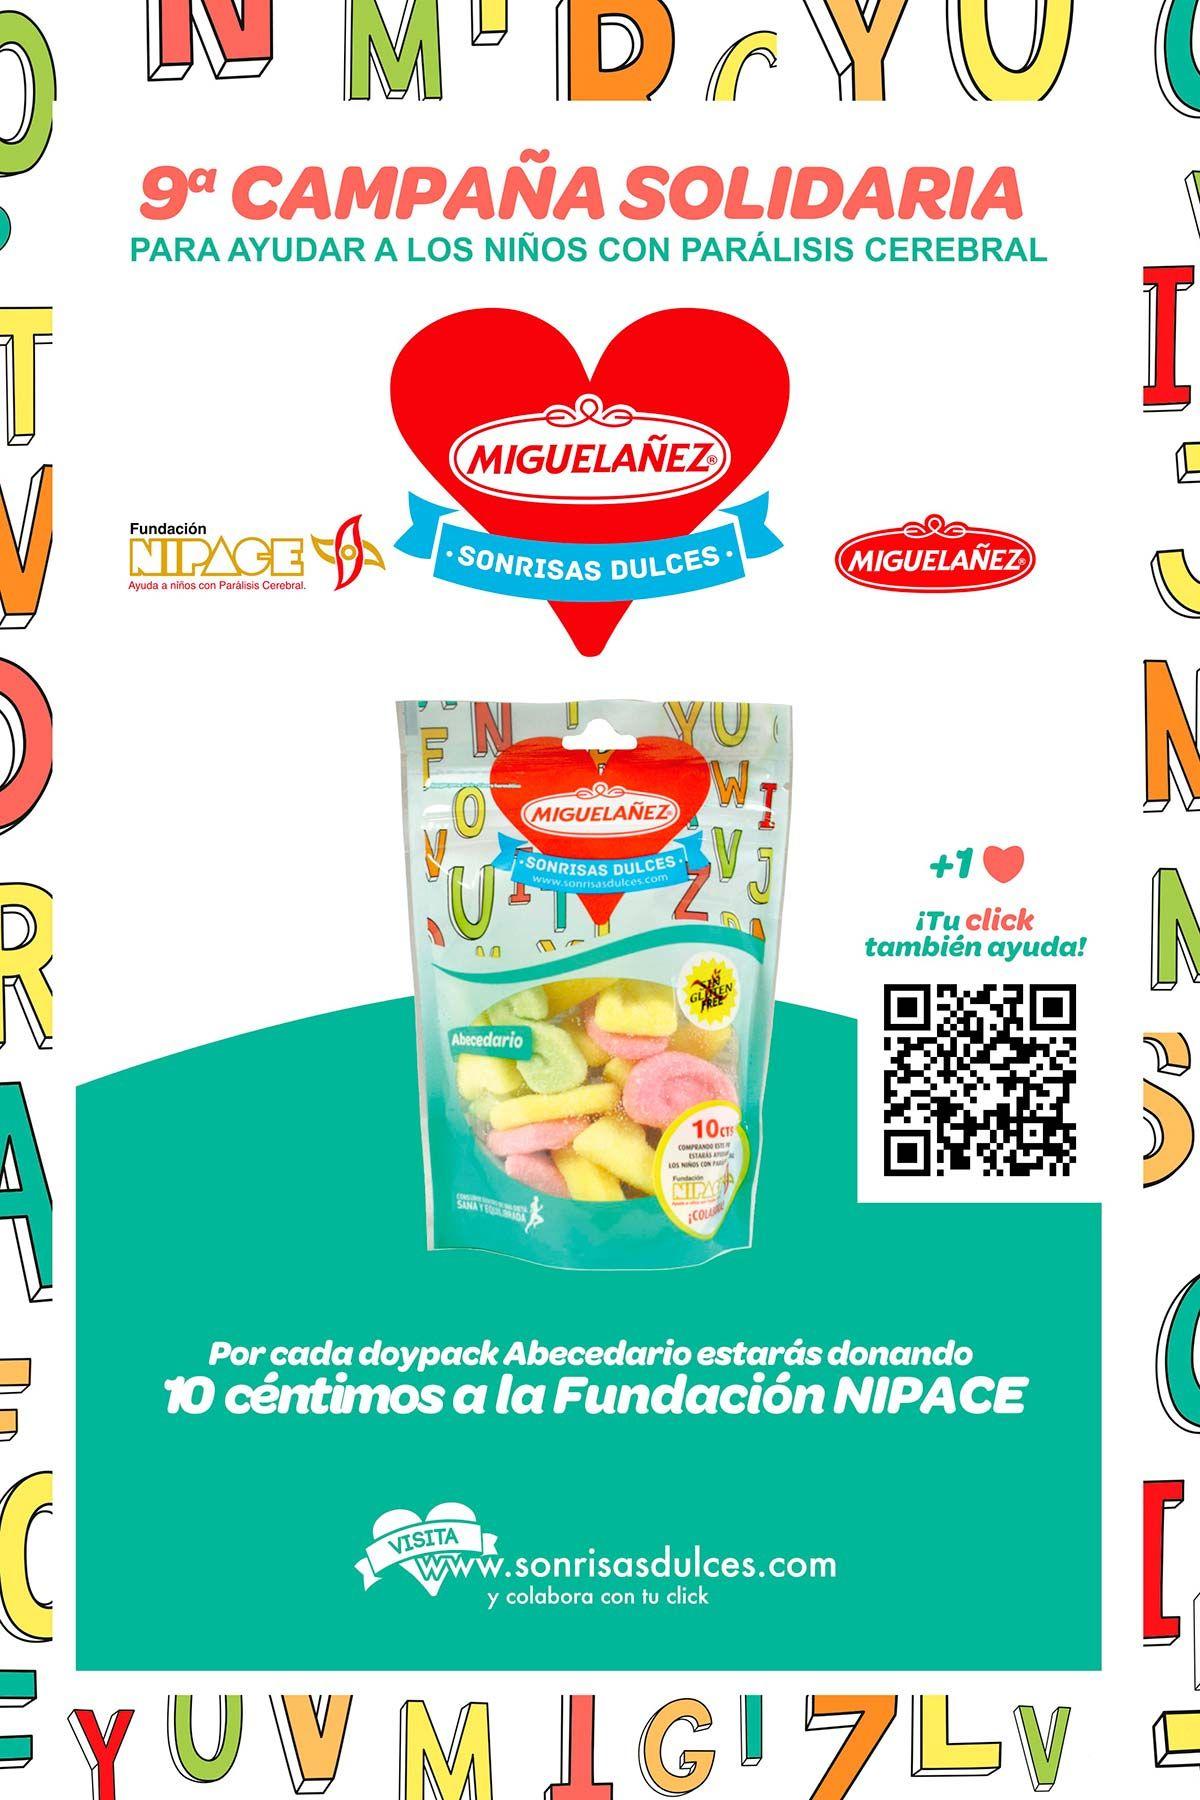 Campaña solidaria de Miguelañez